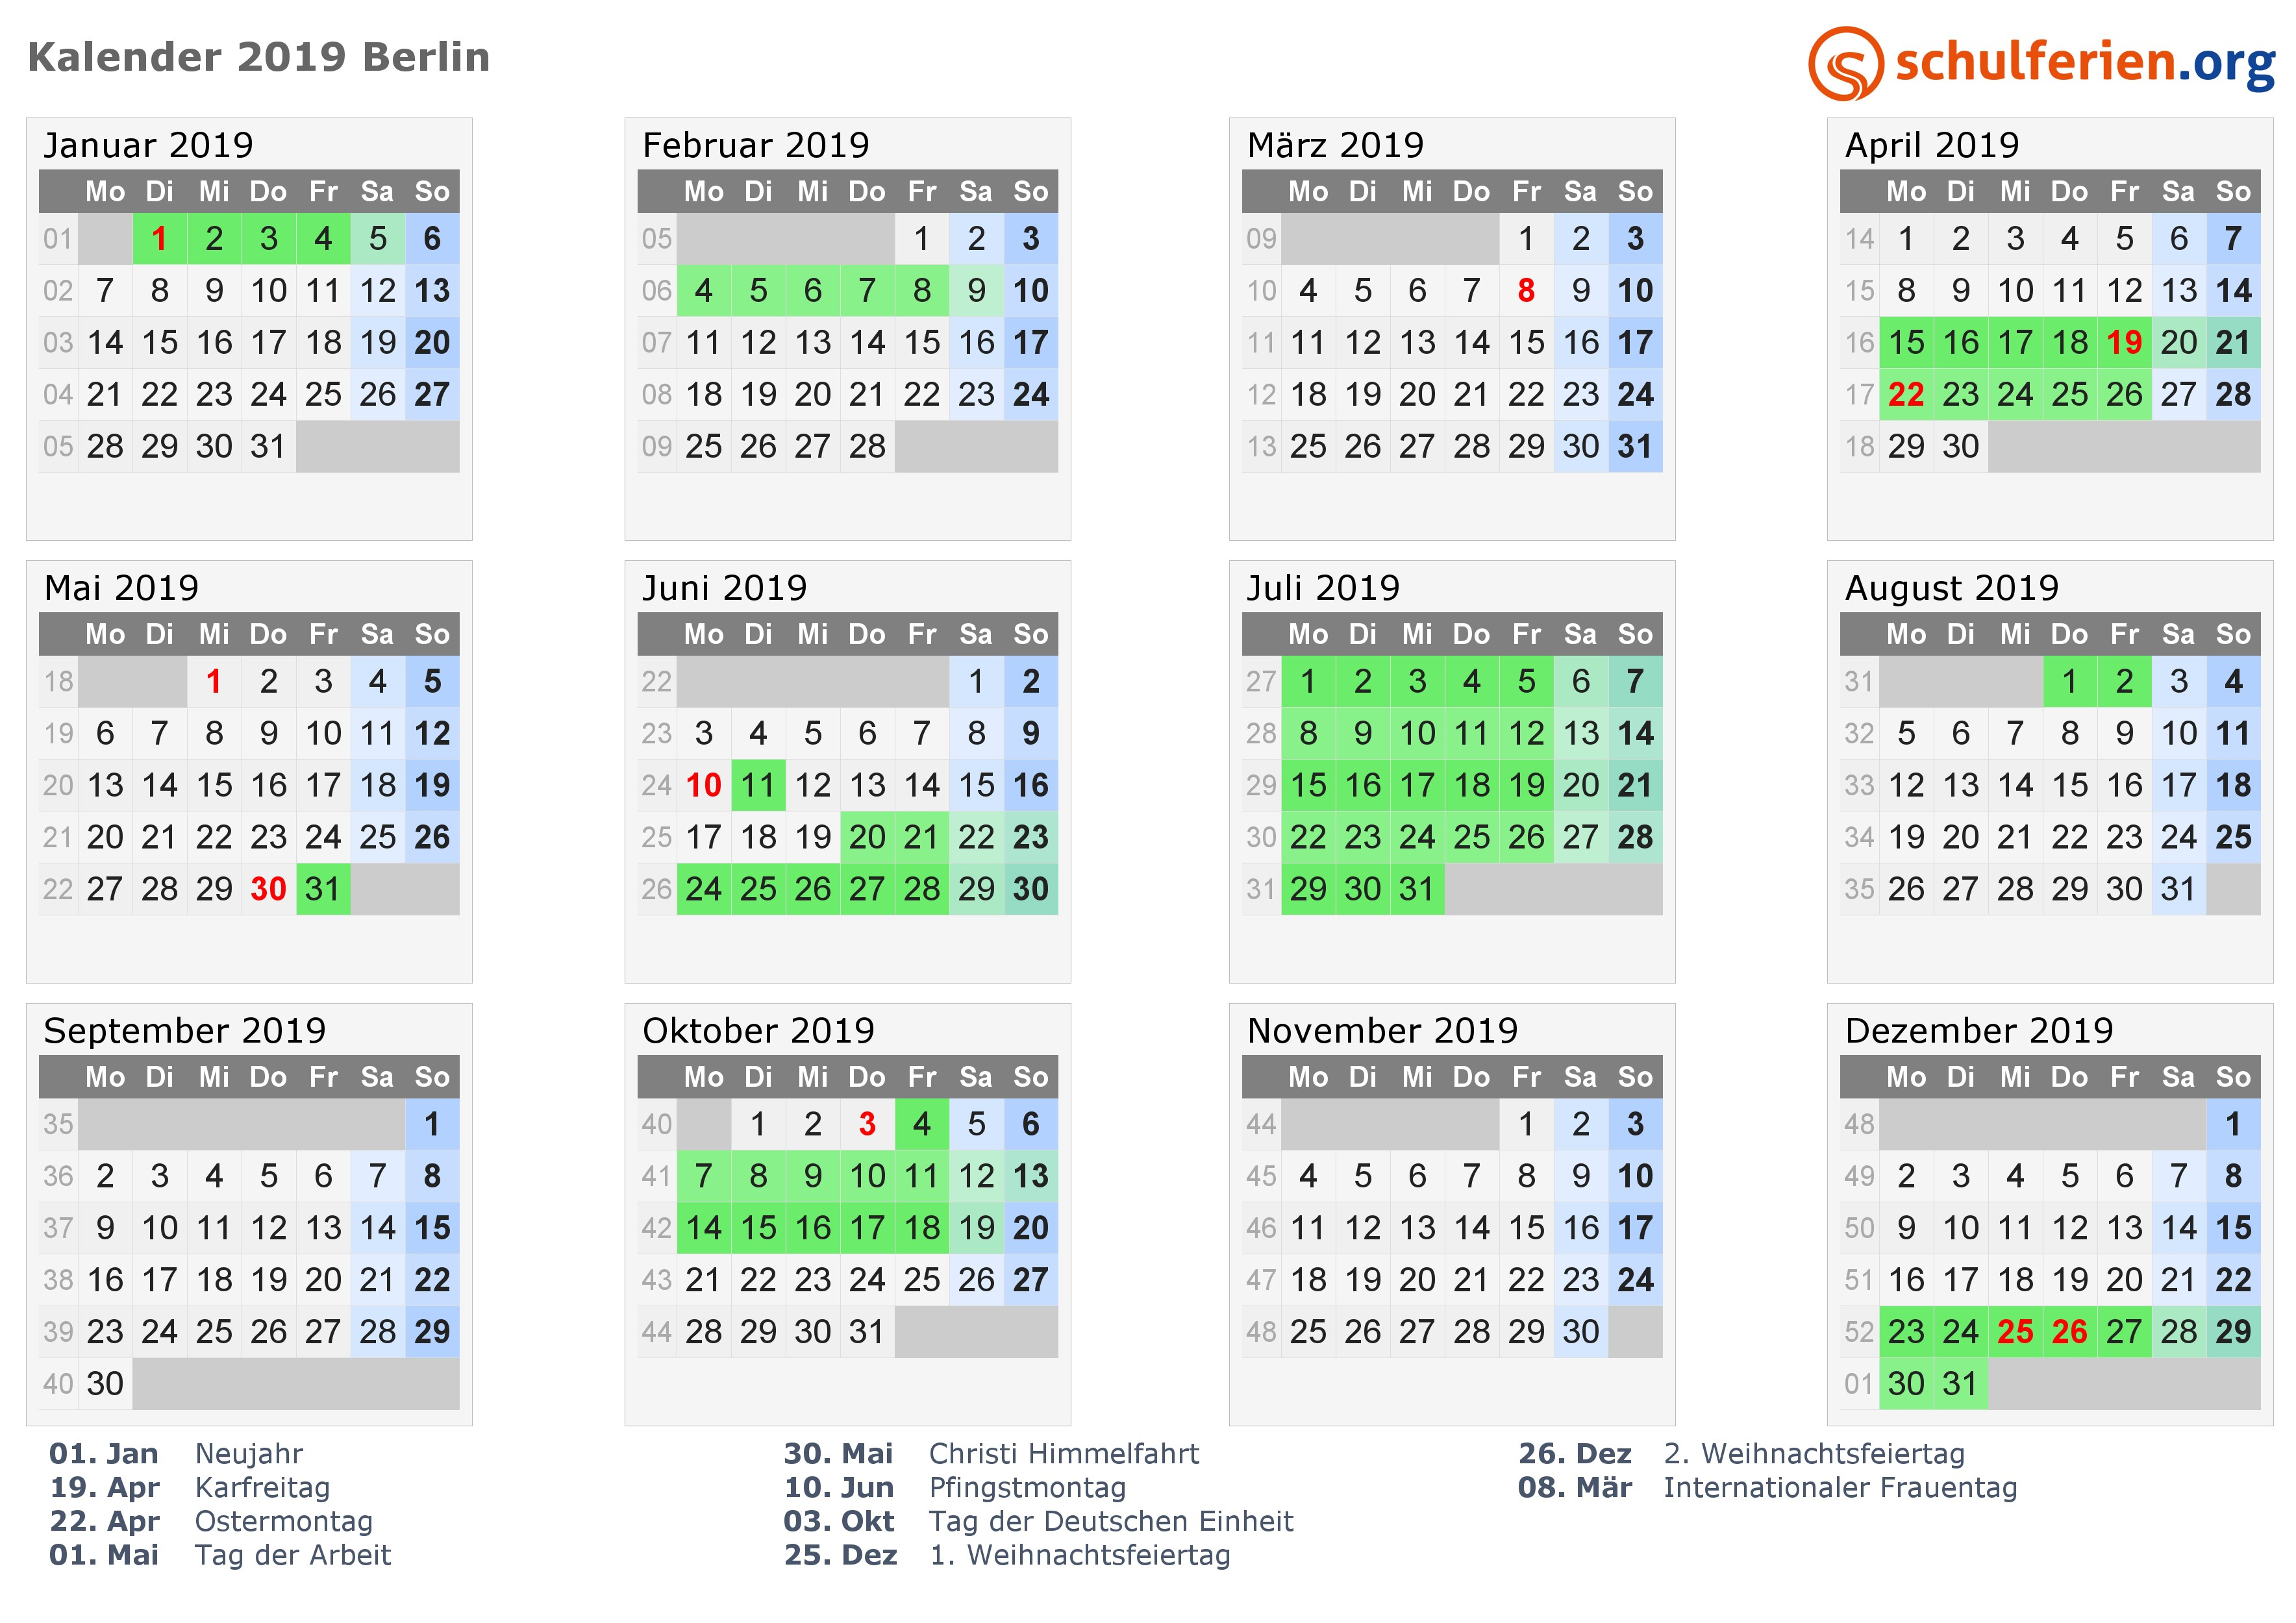 Kalender 2019 mit Ferien und Feiertagen Berlin